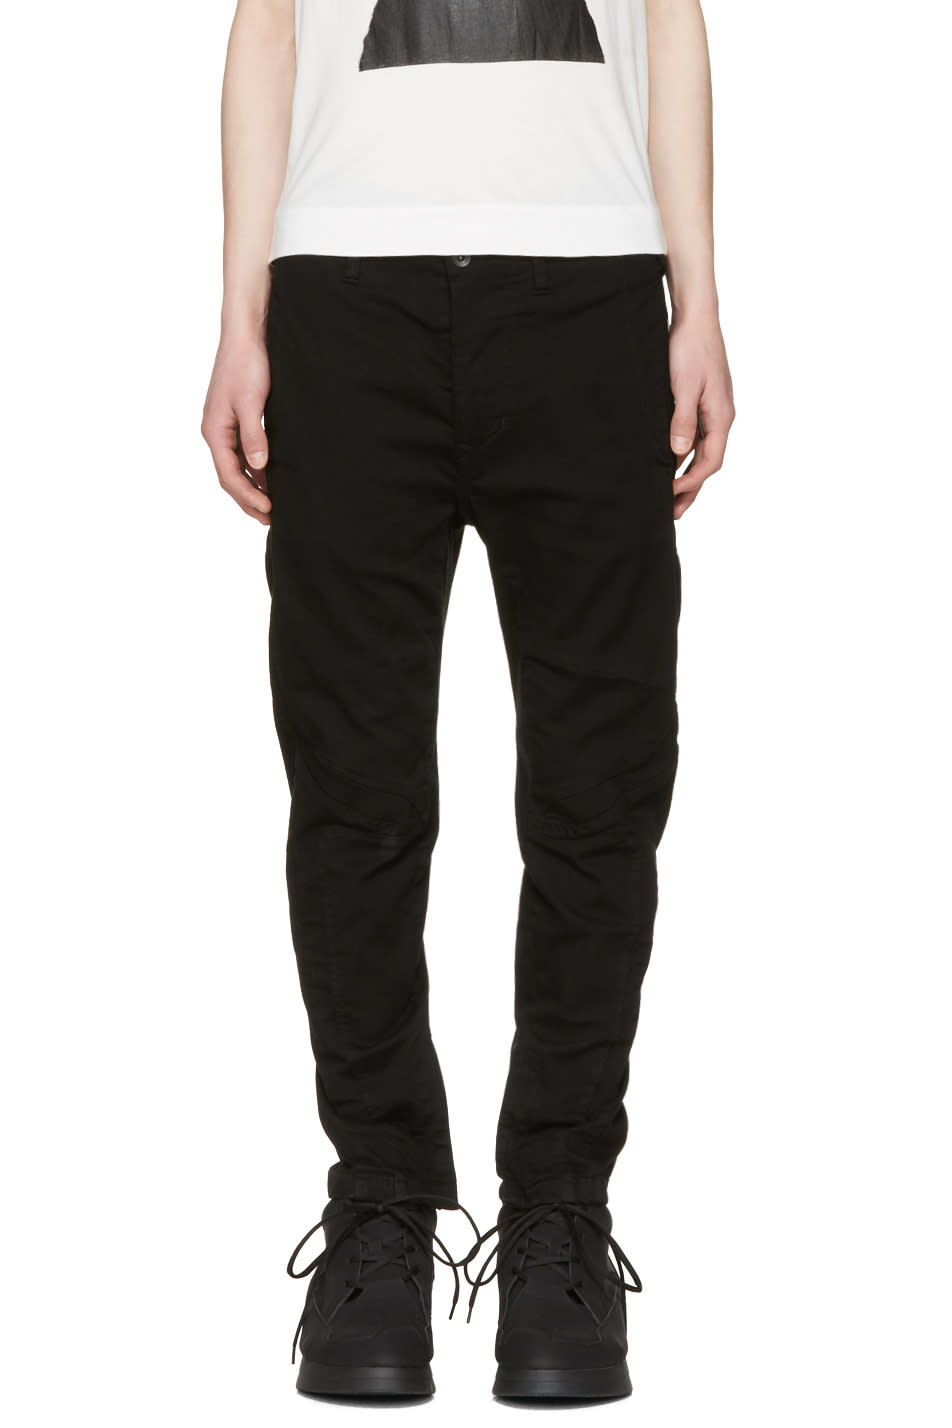 Julius Black Zip Cuff Jeans